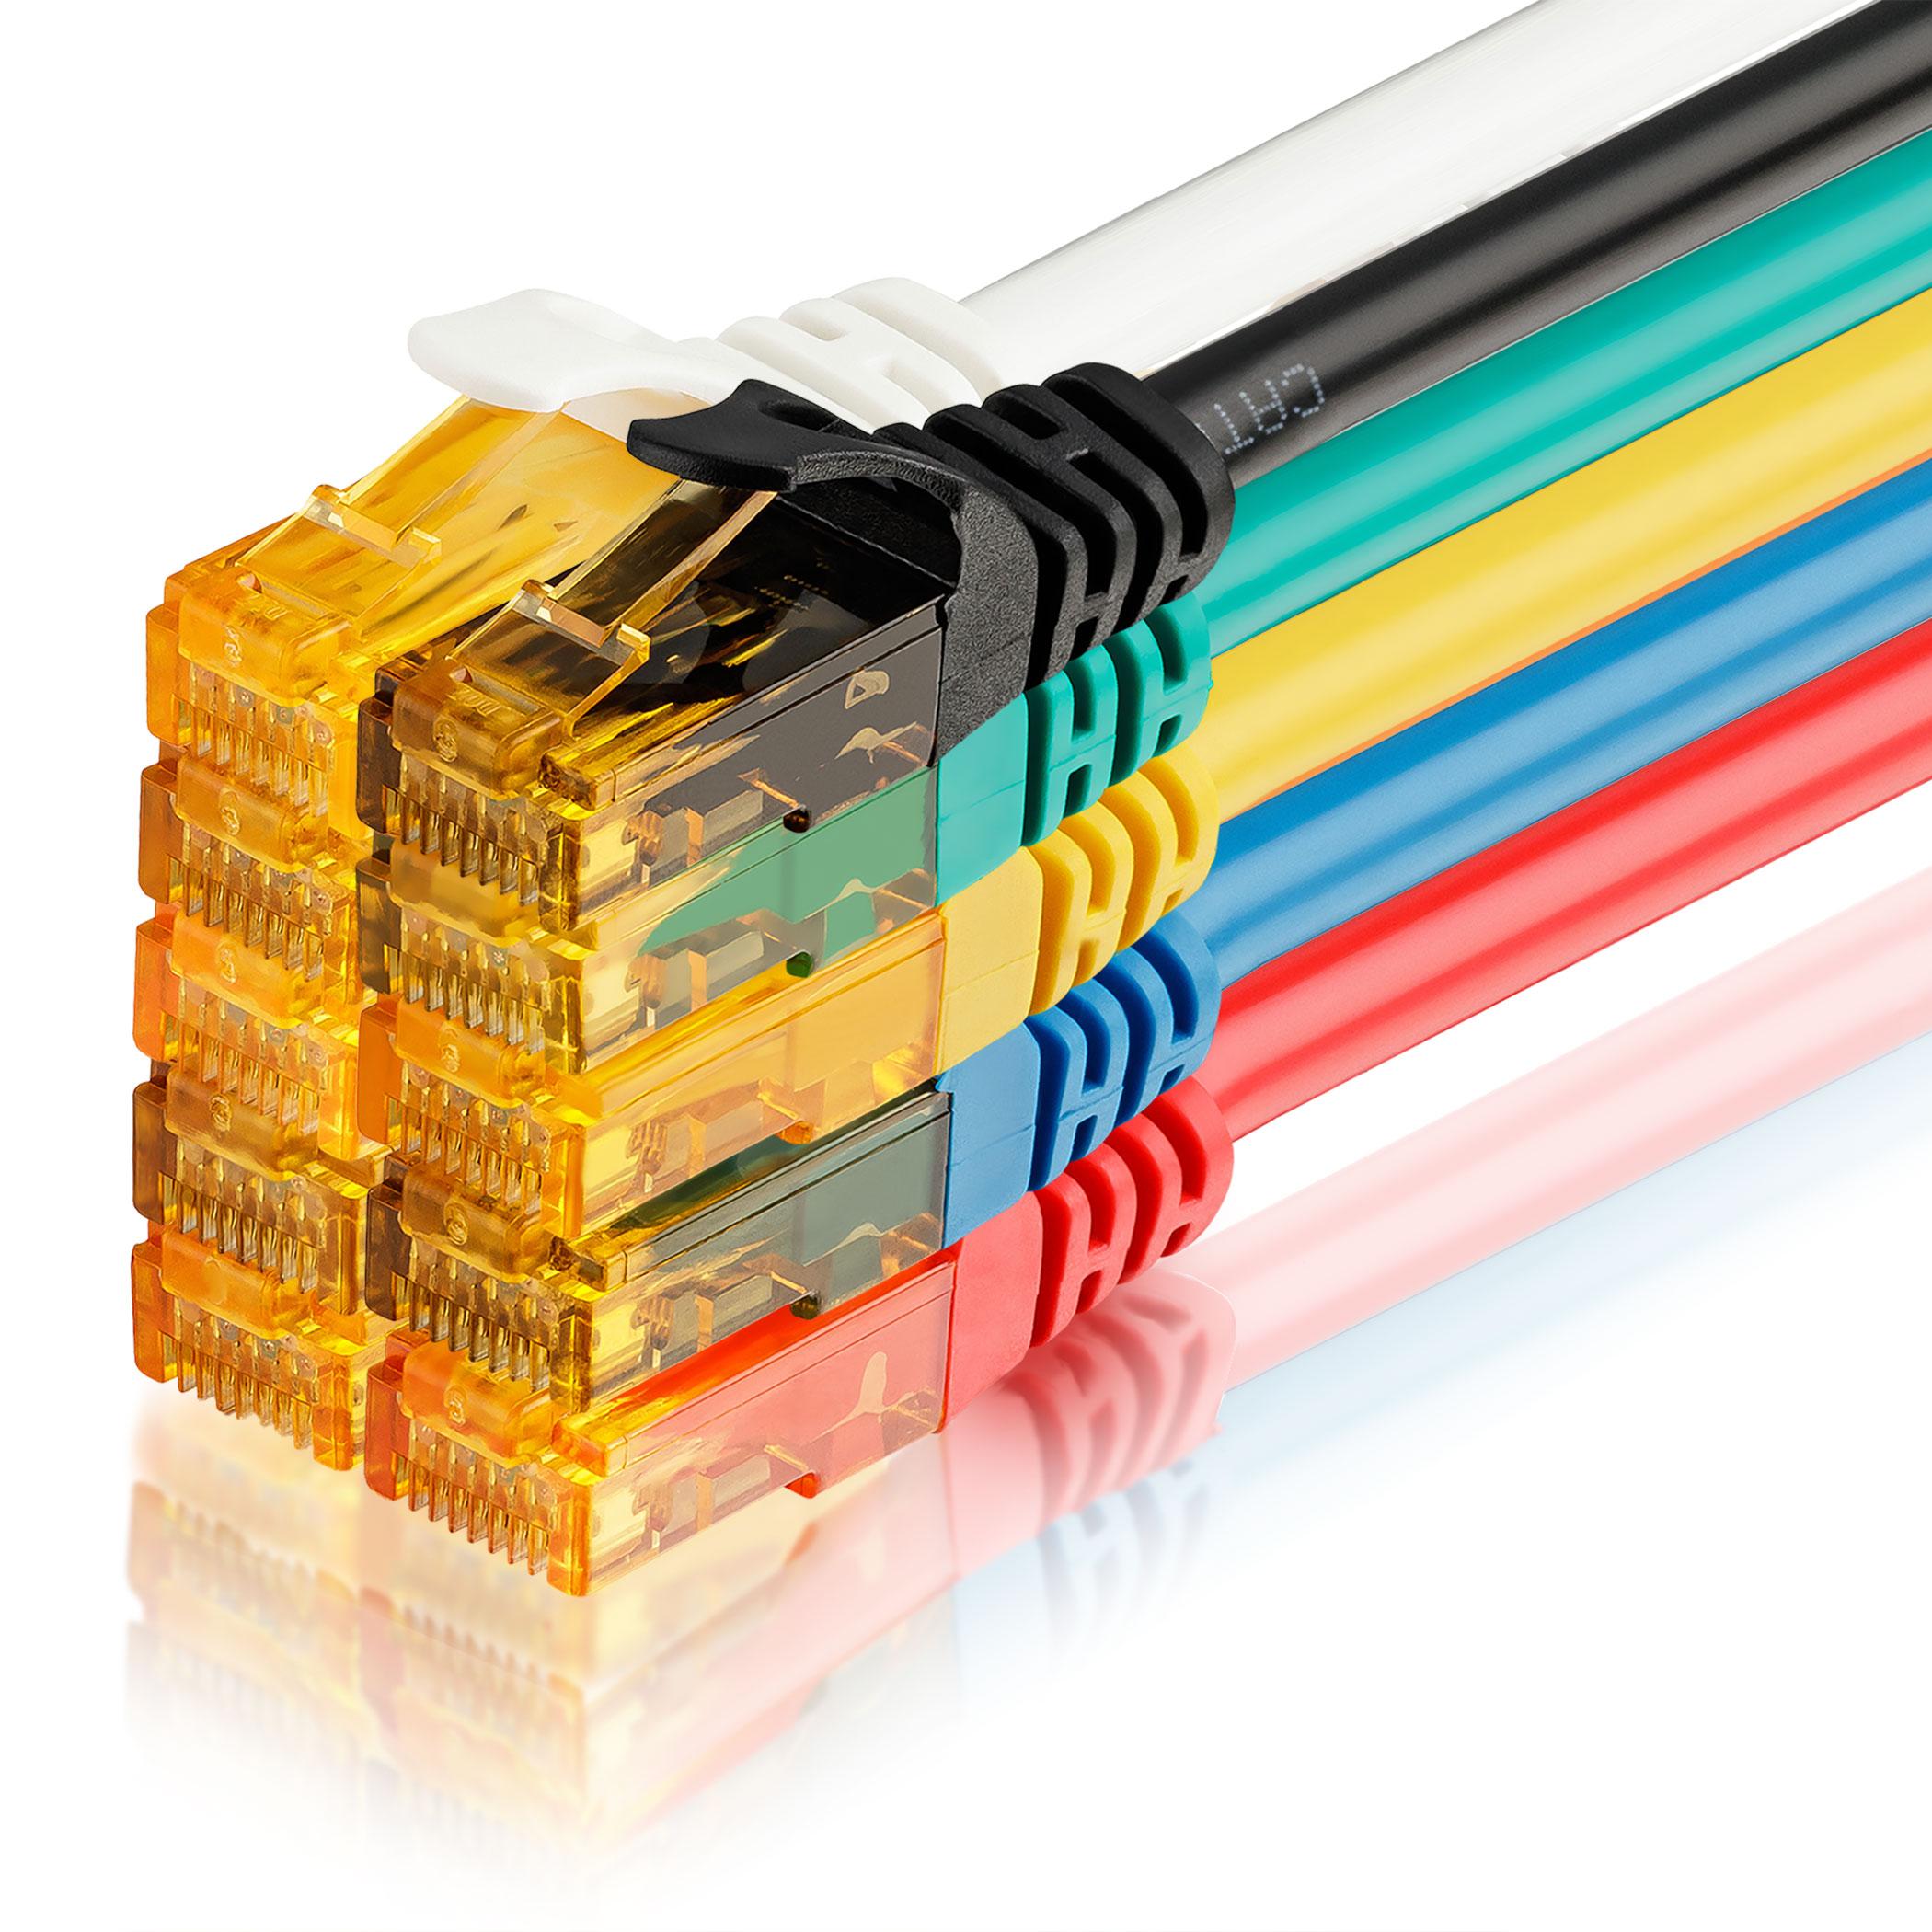 10 Stk. CAT6 Ethernet Kabel 150cm